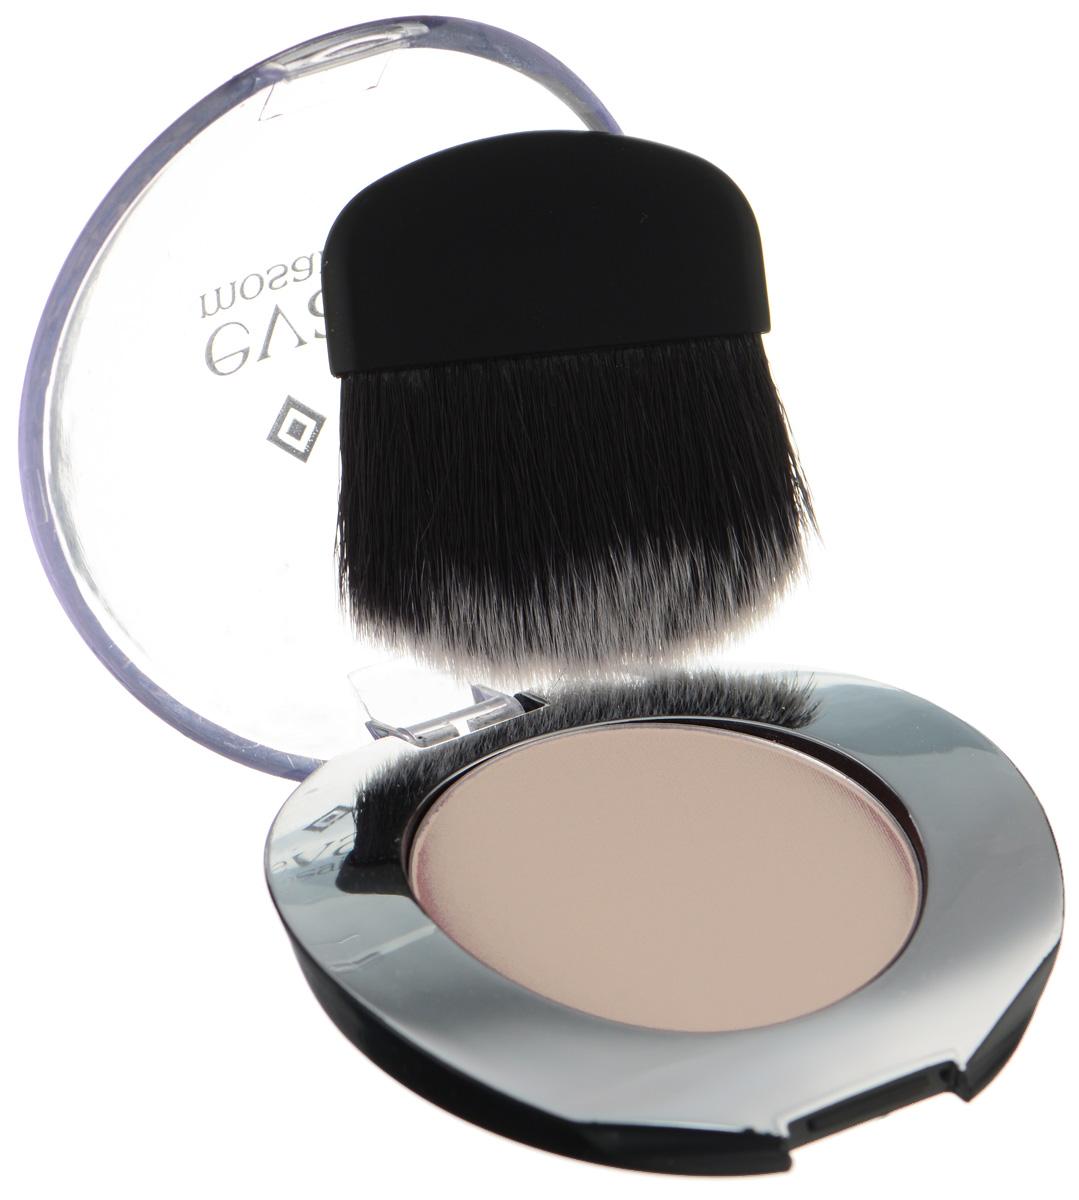 Eva Mosaic Хайлайтер для лица, 3,5 г, 10 ШампаньAS-501/Rпридает золотистое мерцание, идеален для загорелой или смуглой кожи.